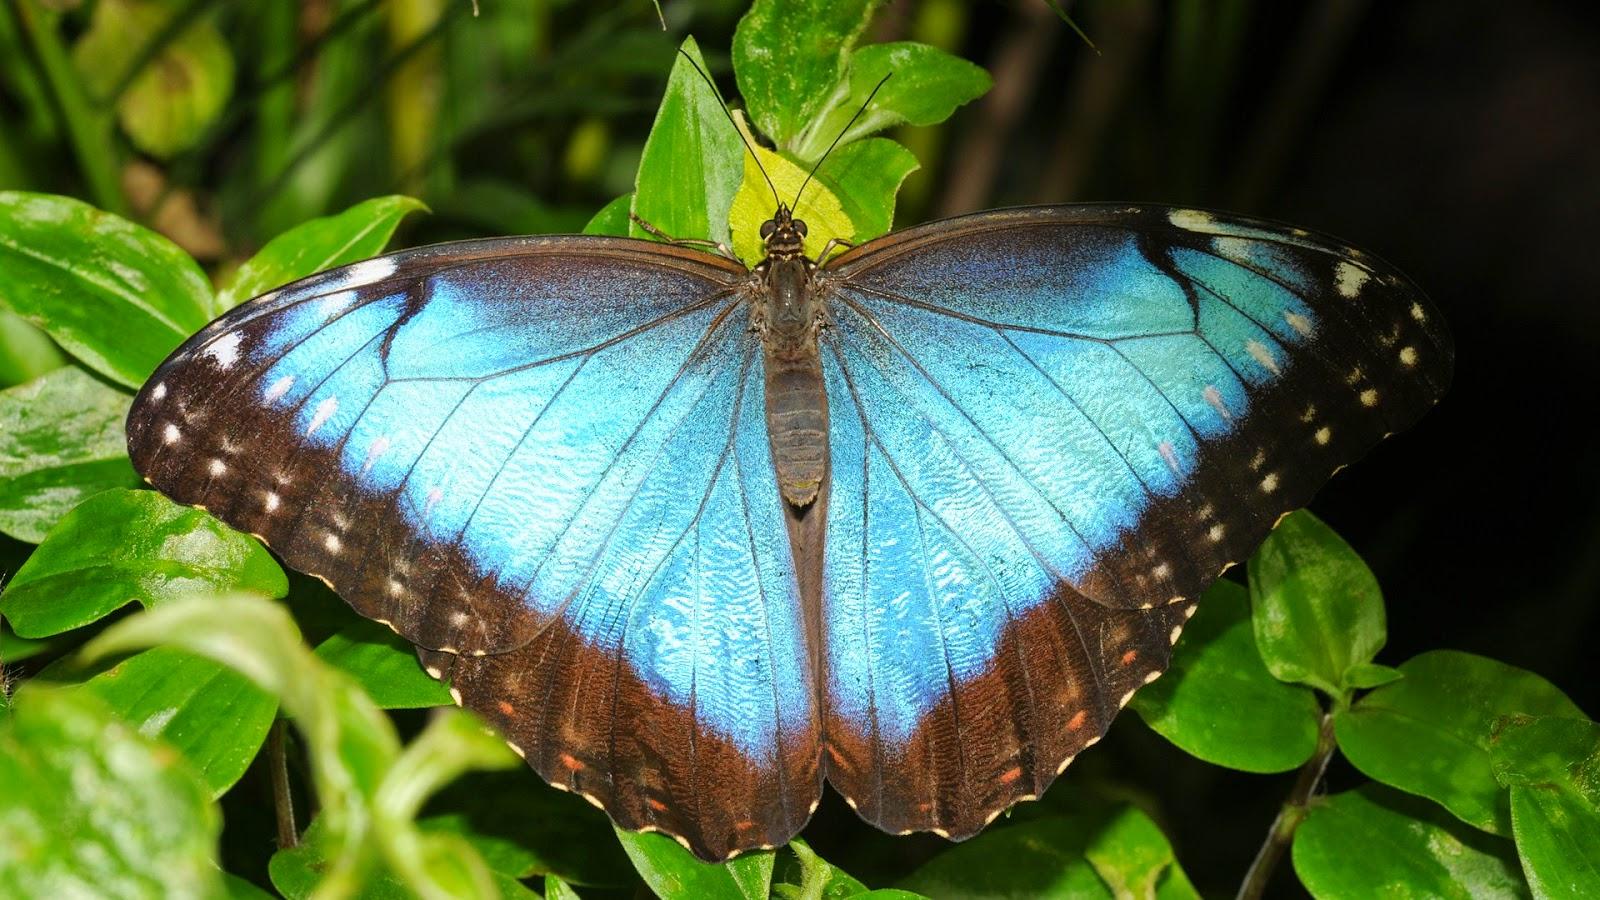 Wallpaper HD cu fluturele Morpho Menelaus de culoare albastru